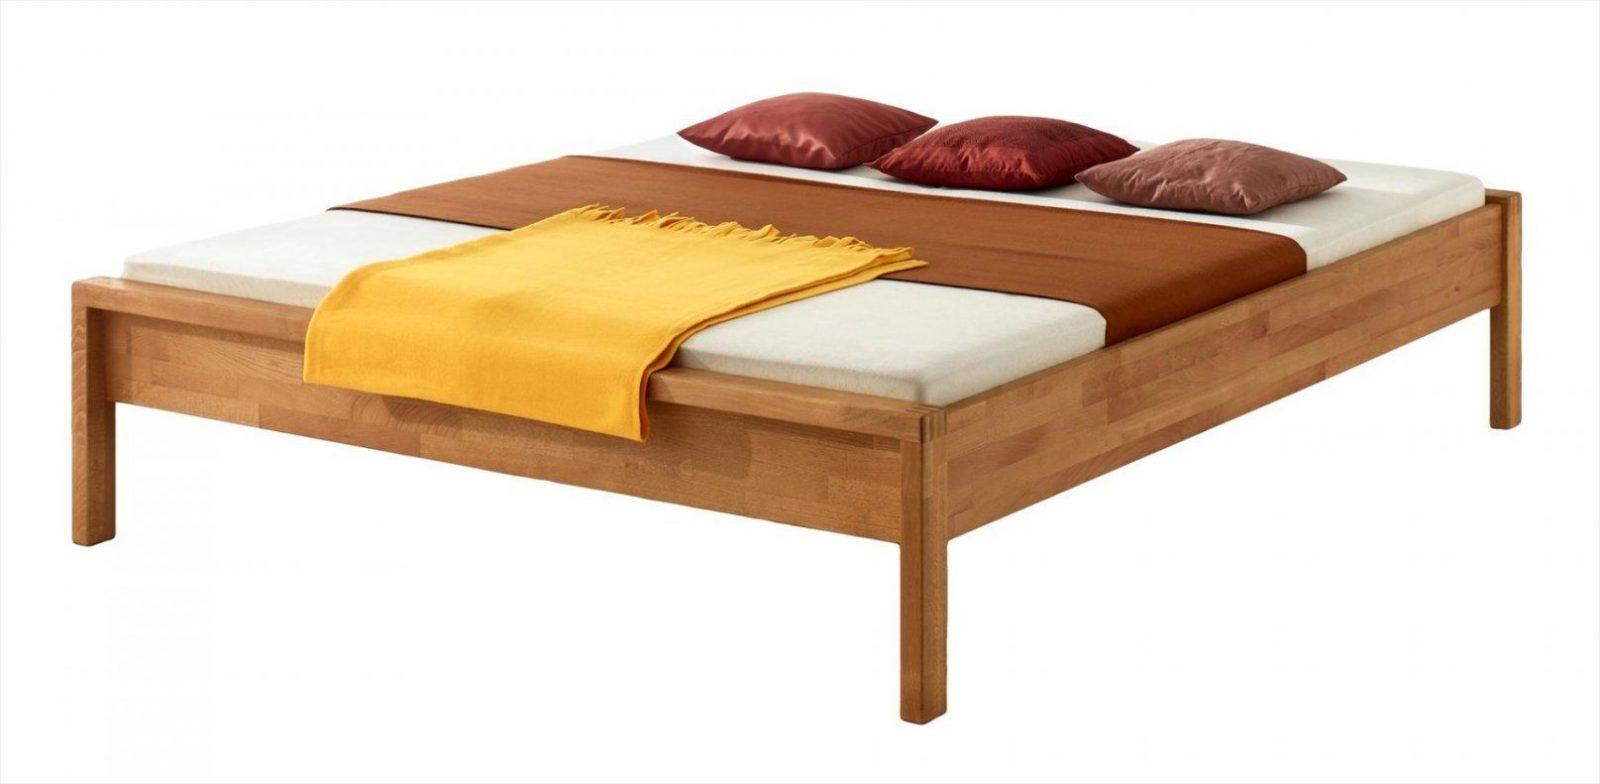 Kreativ Fantastisch Bett 140X200 Ohne Kopfteil Fritz Hause Deko Für von Bettgestell 140X200 Ohne Kopfteil Bild